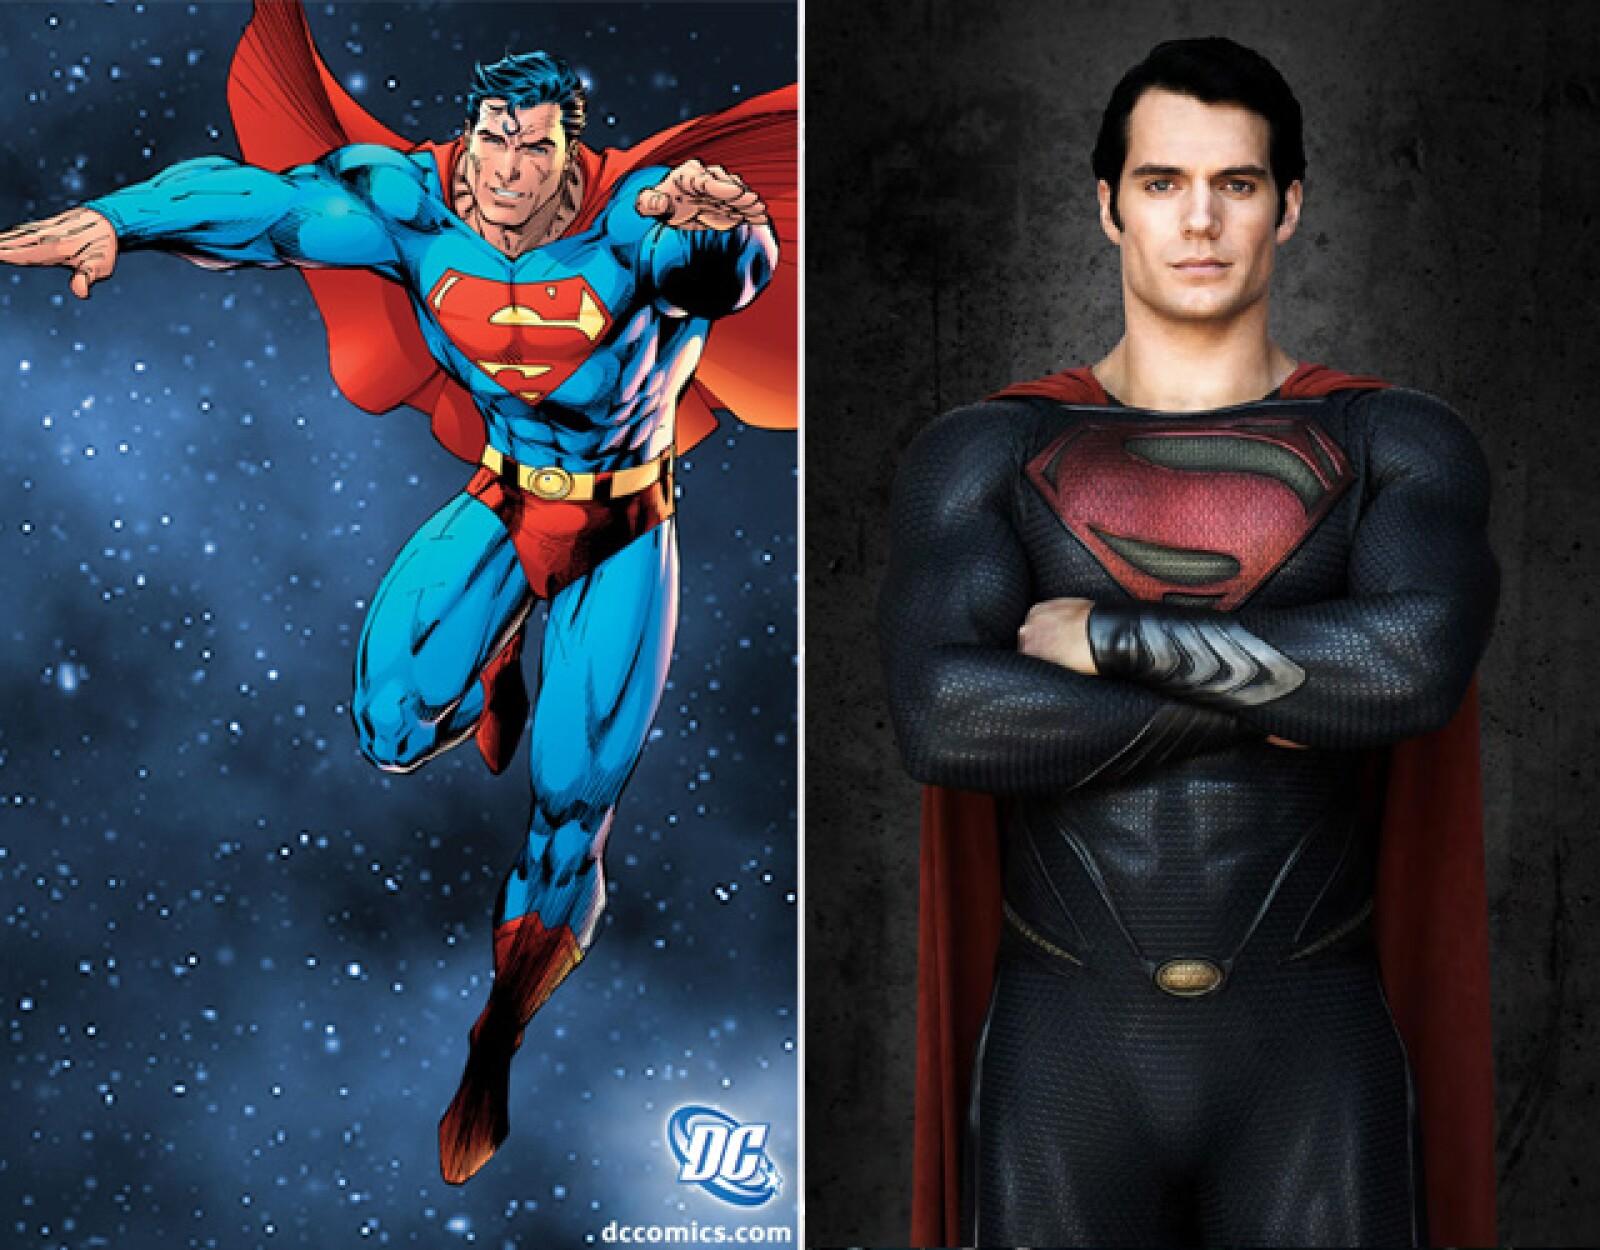 Henry Cavill deleitó con su actuación a los seguidores del Comic de Superman.